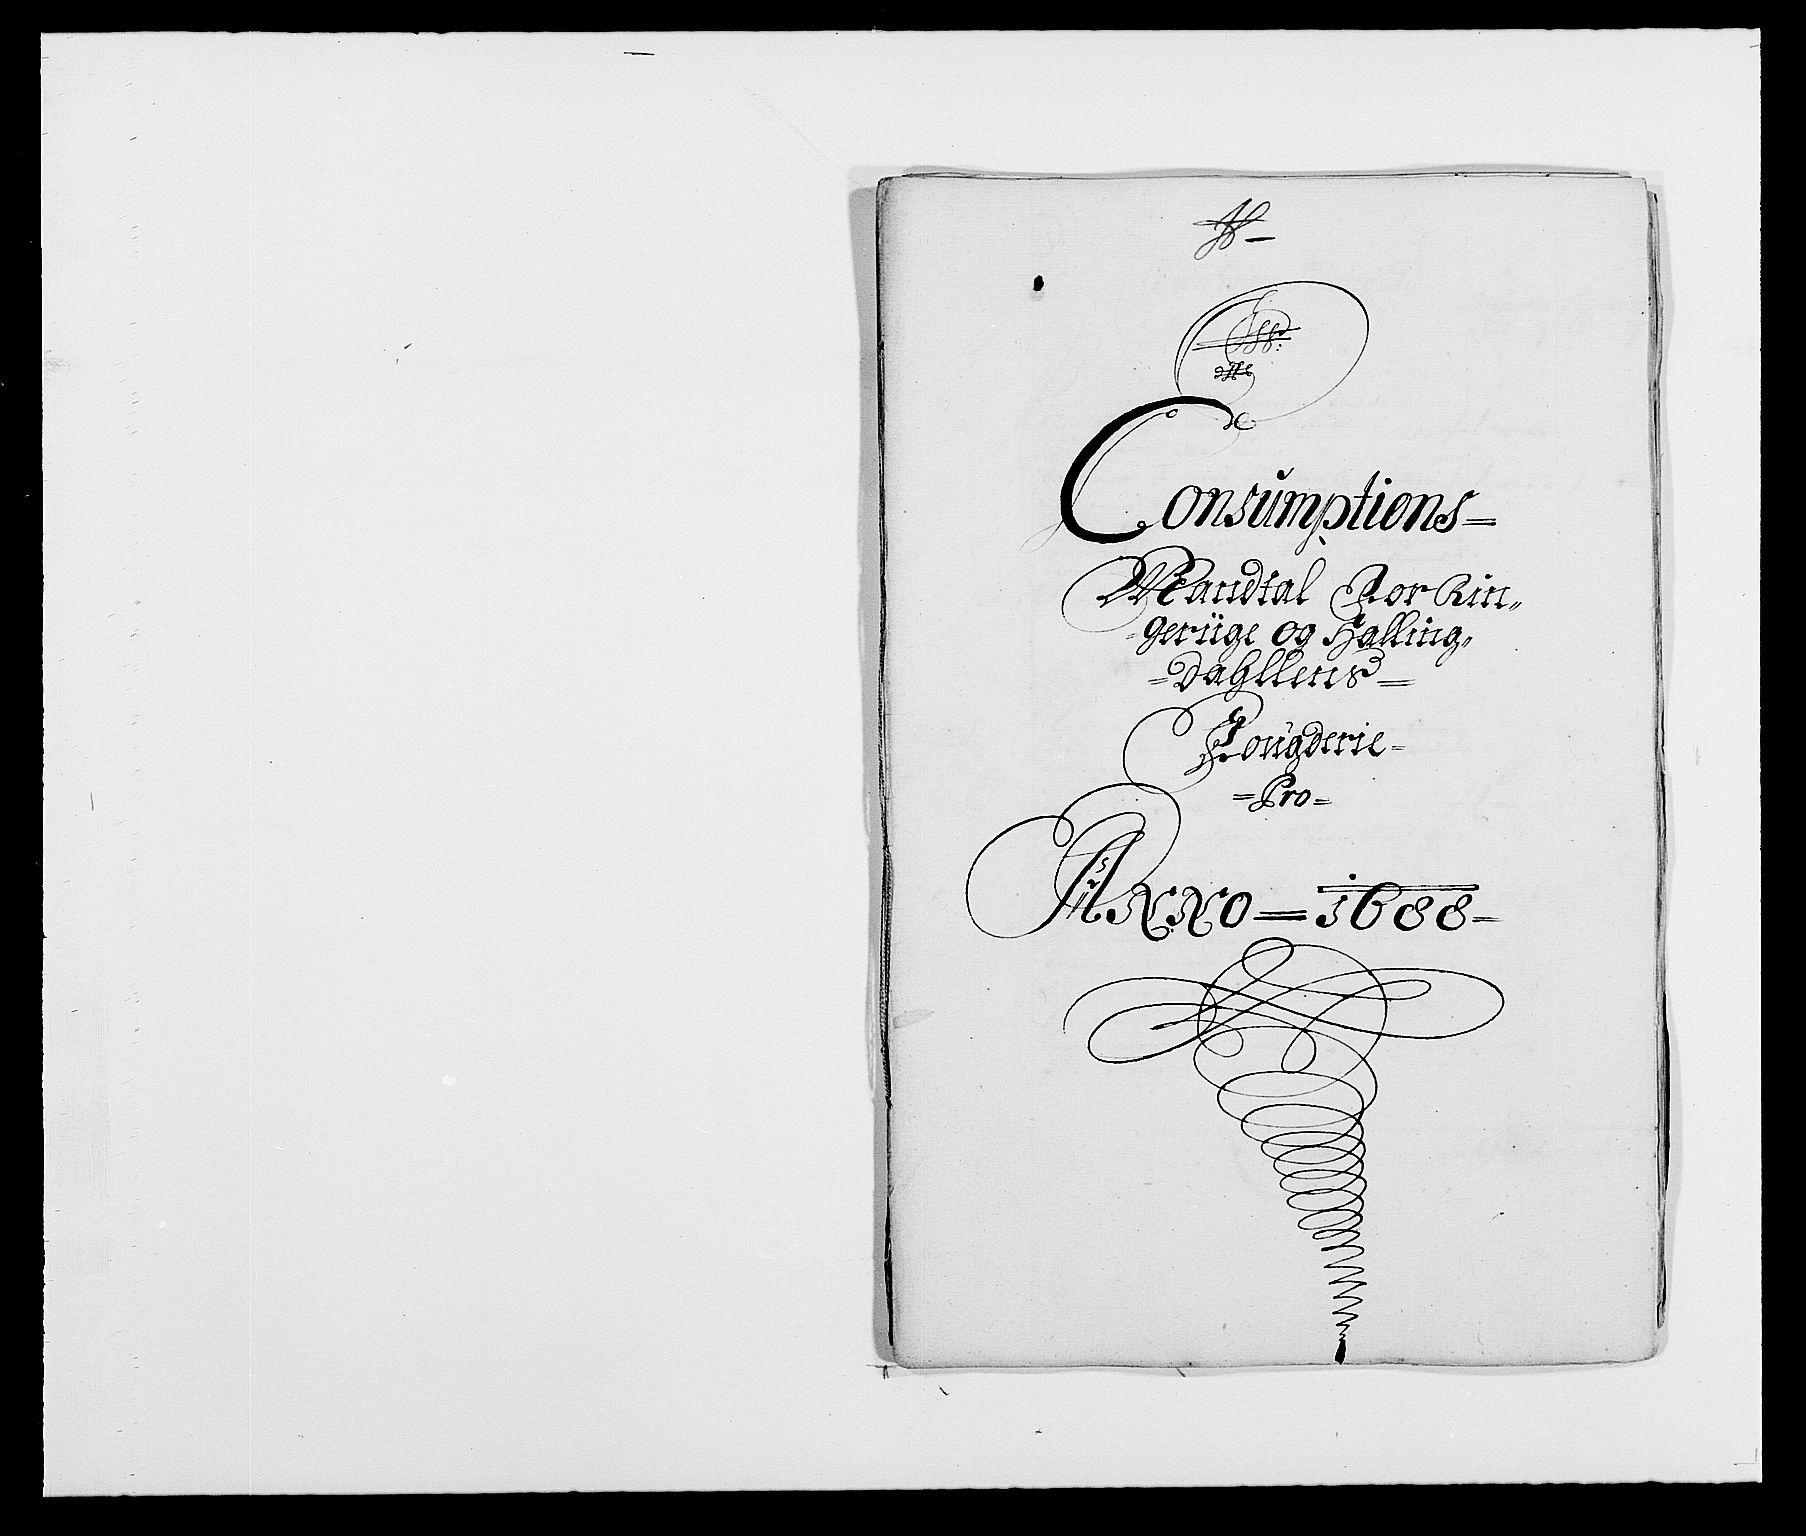 RA, Rentekammeret inntil 1814, Reviderte regnskaper, Fogderegnskap, R21/L1447: Fogderegnskap Ringerike og Hallingdal, 1687-1689, s. 186